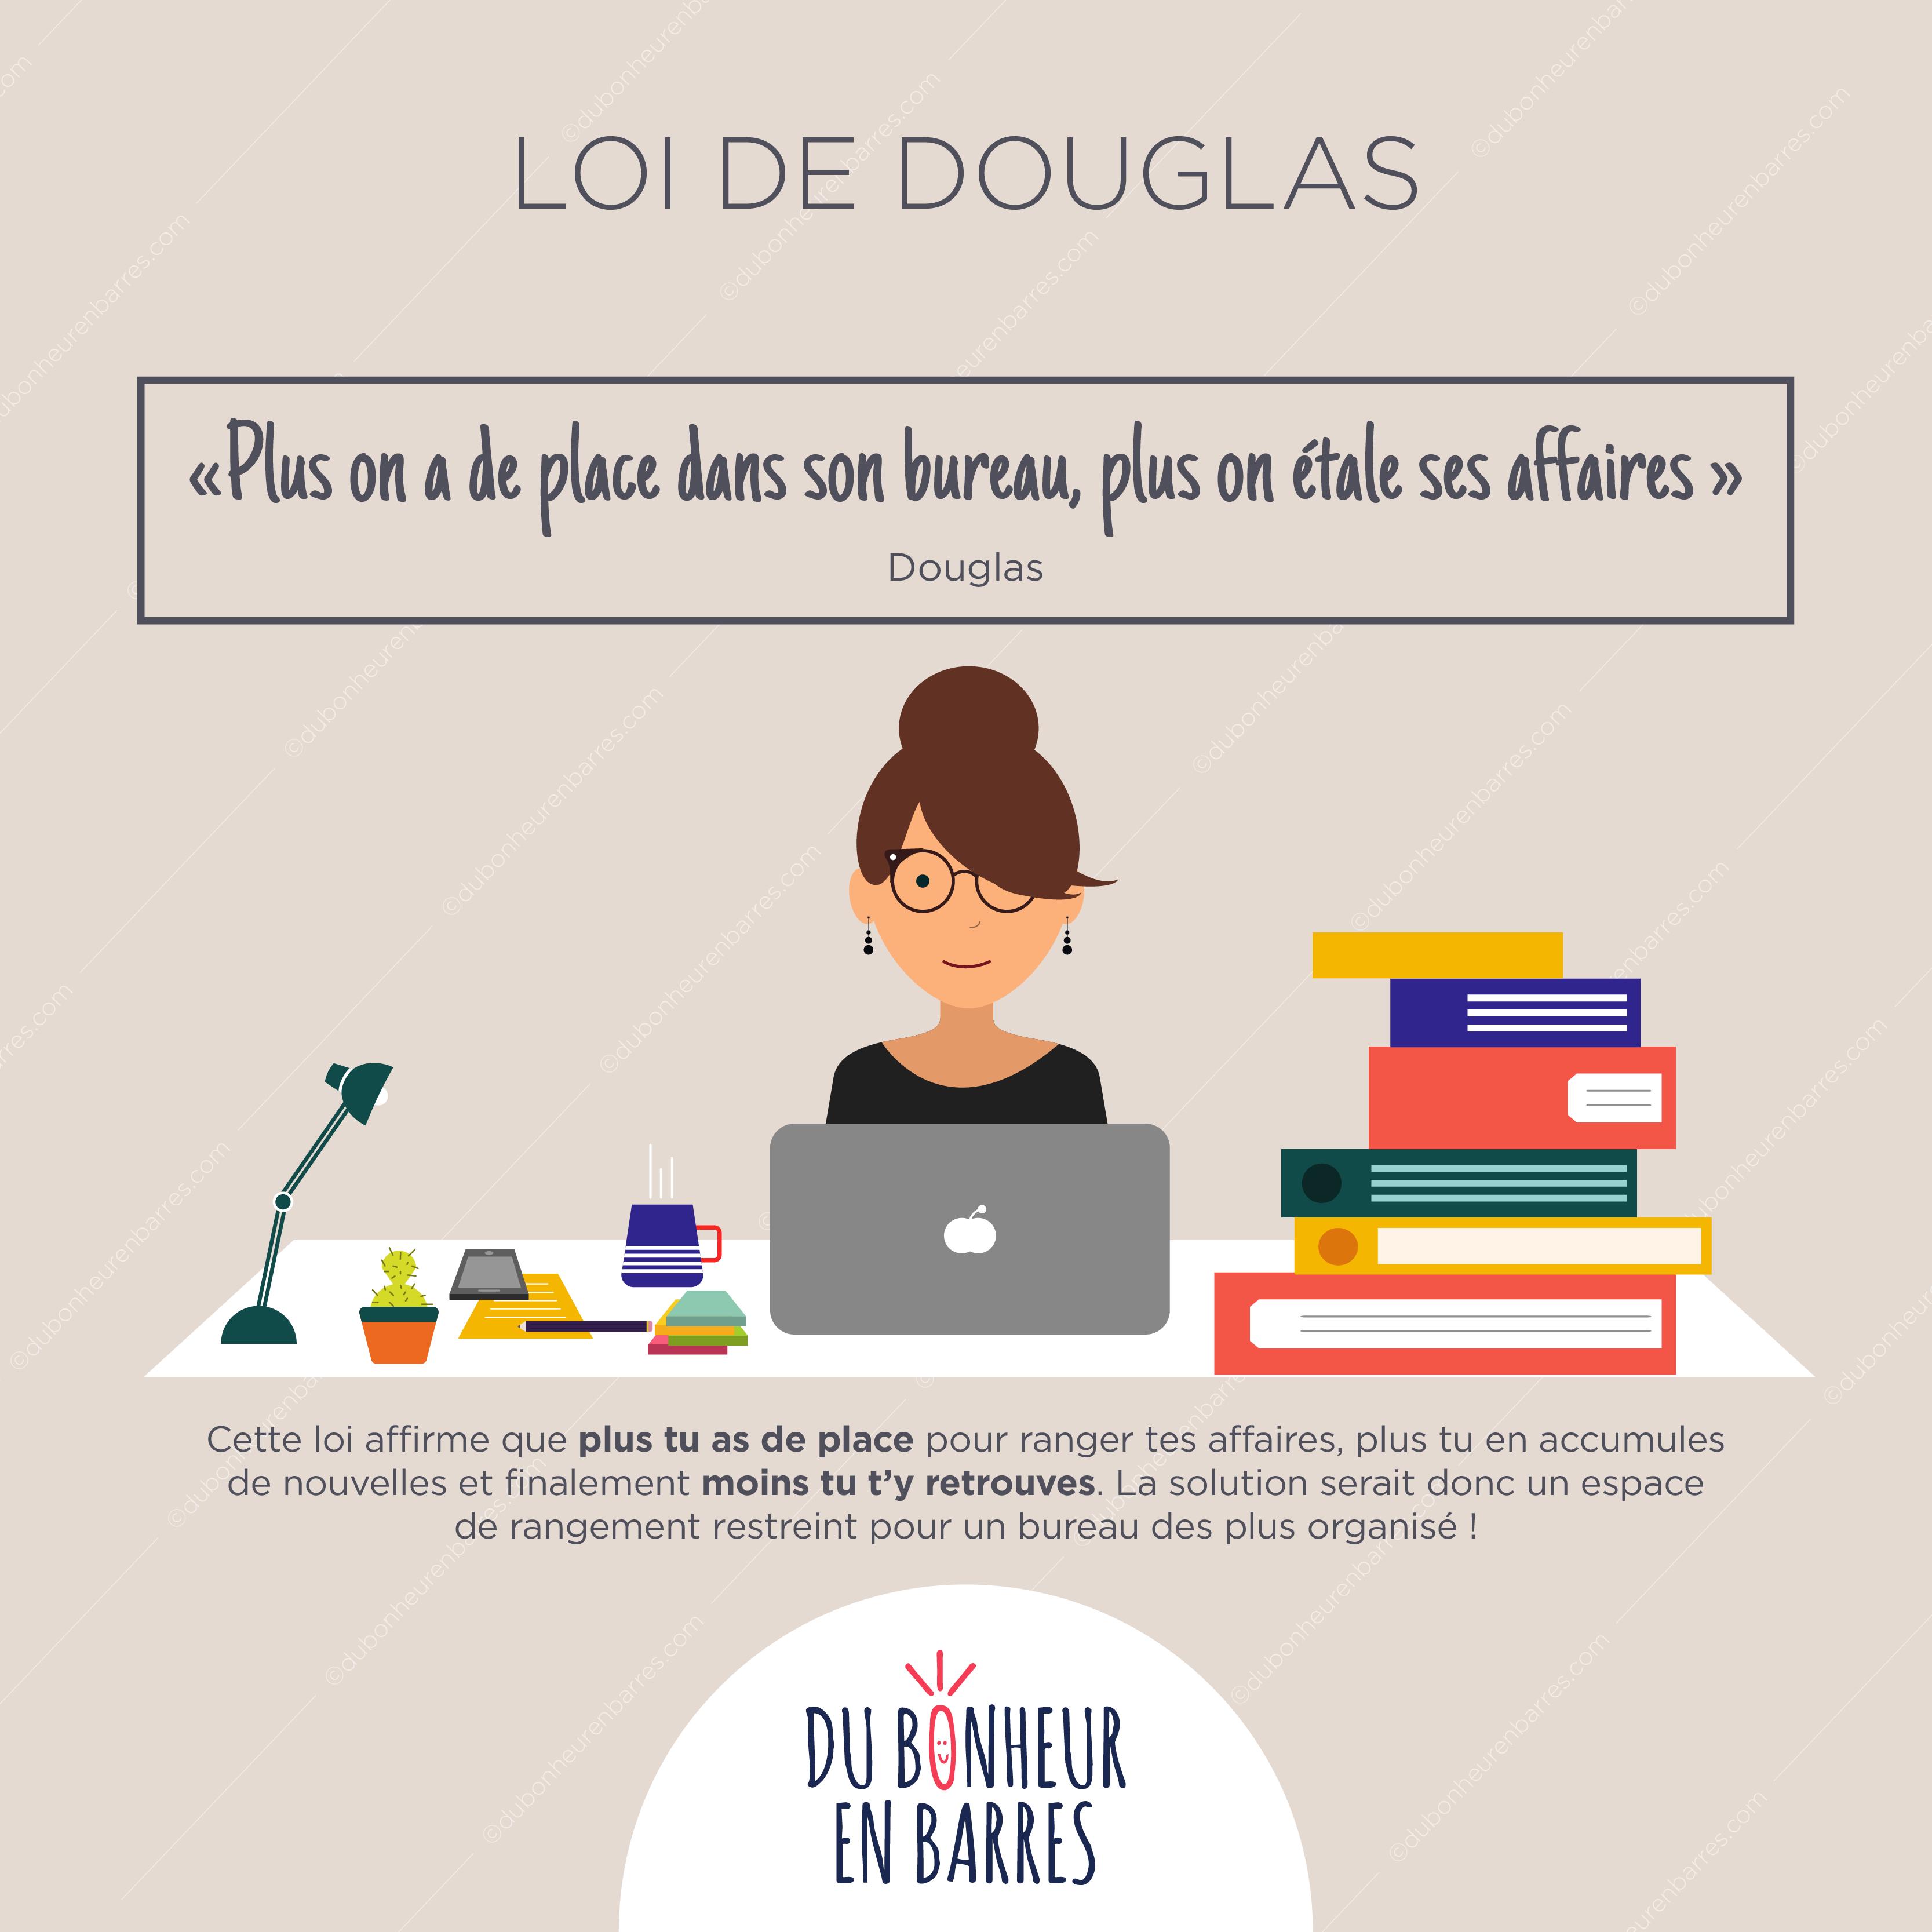 Loi de Douglas